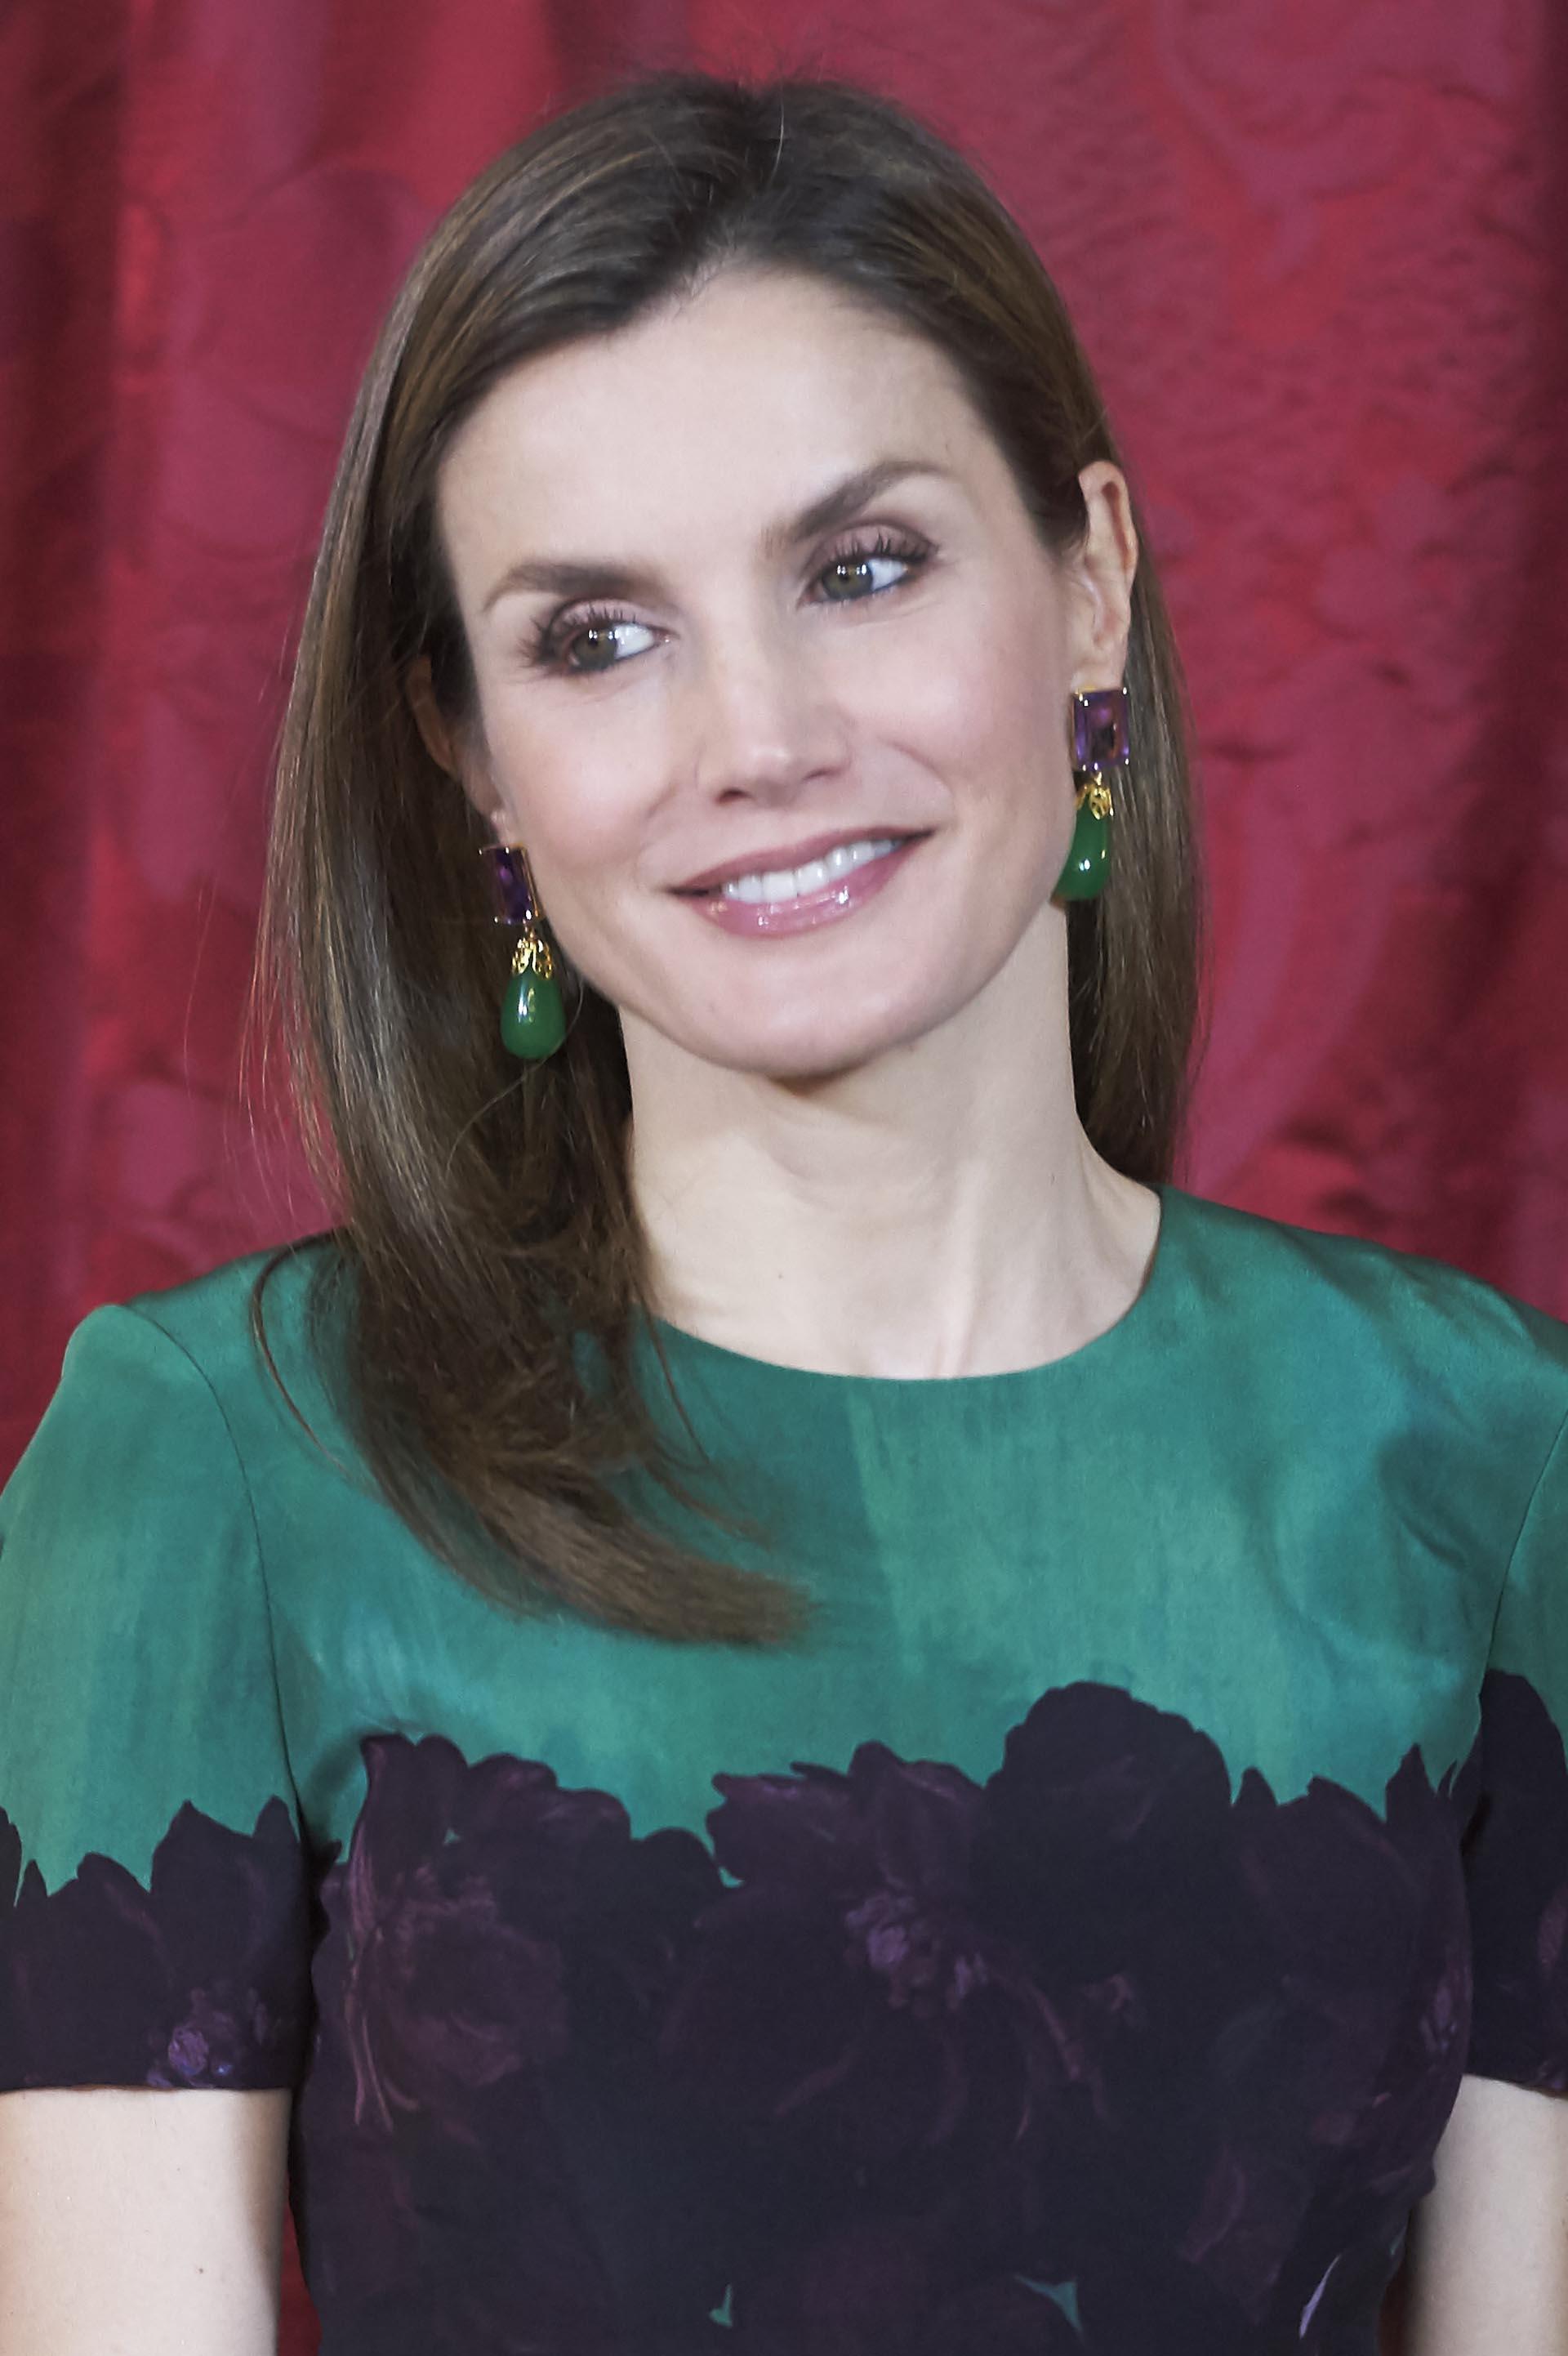 Las joyas elegidas por Leticia fueron estos pendientes de amatista y jade, que combinaban con el color de su vestido